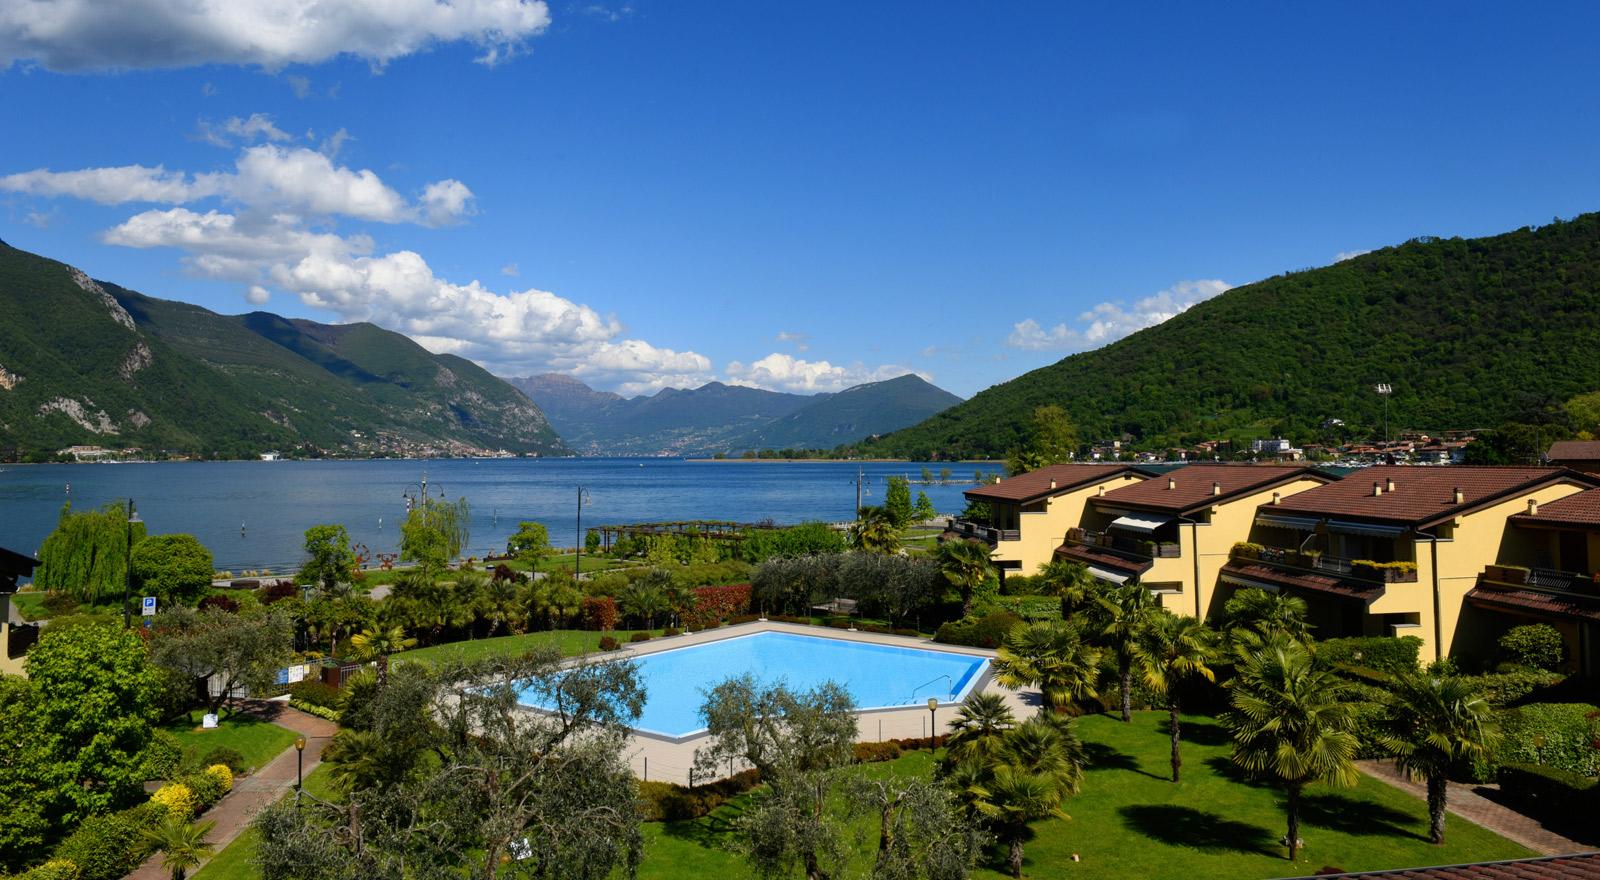 Jouer au golf dans le coeur de la franciacorta hotel ulivi - Piscine franciacorta ...